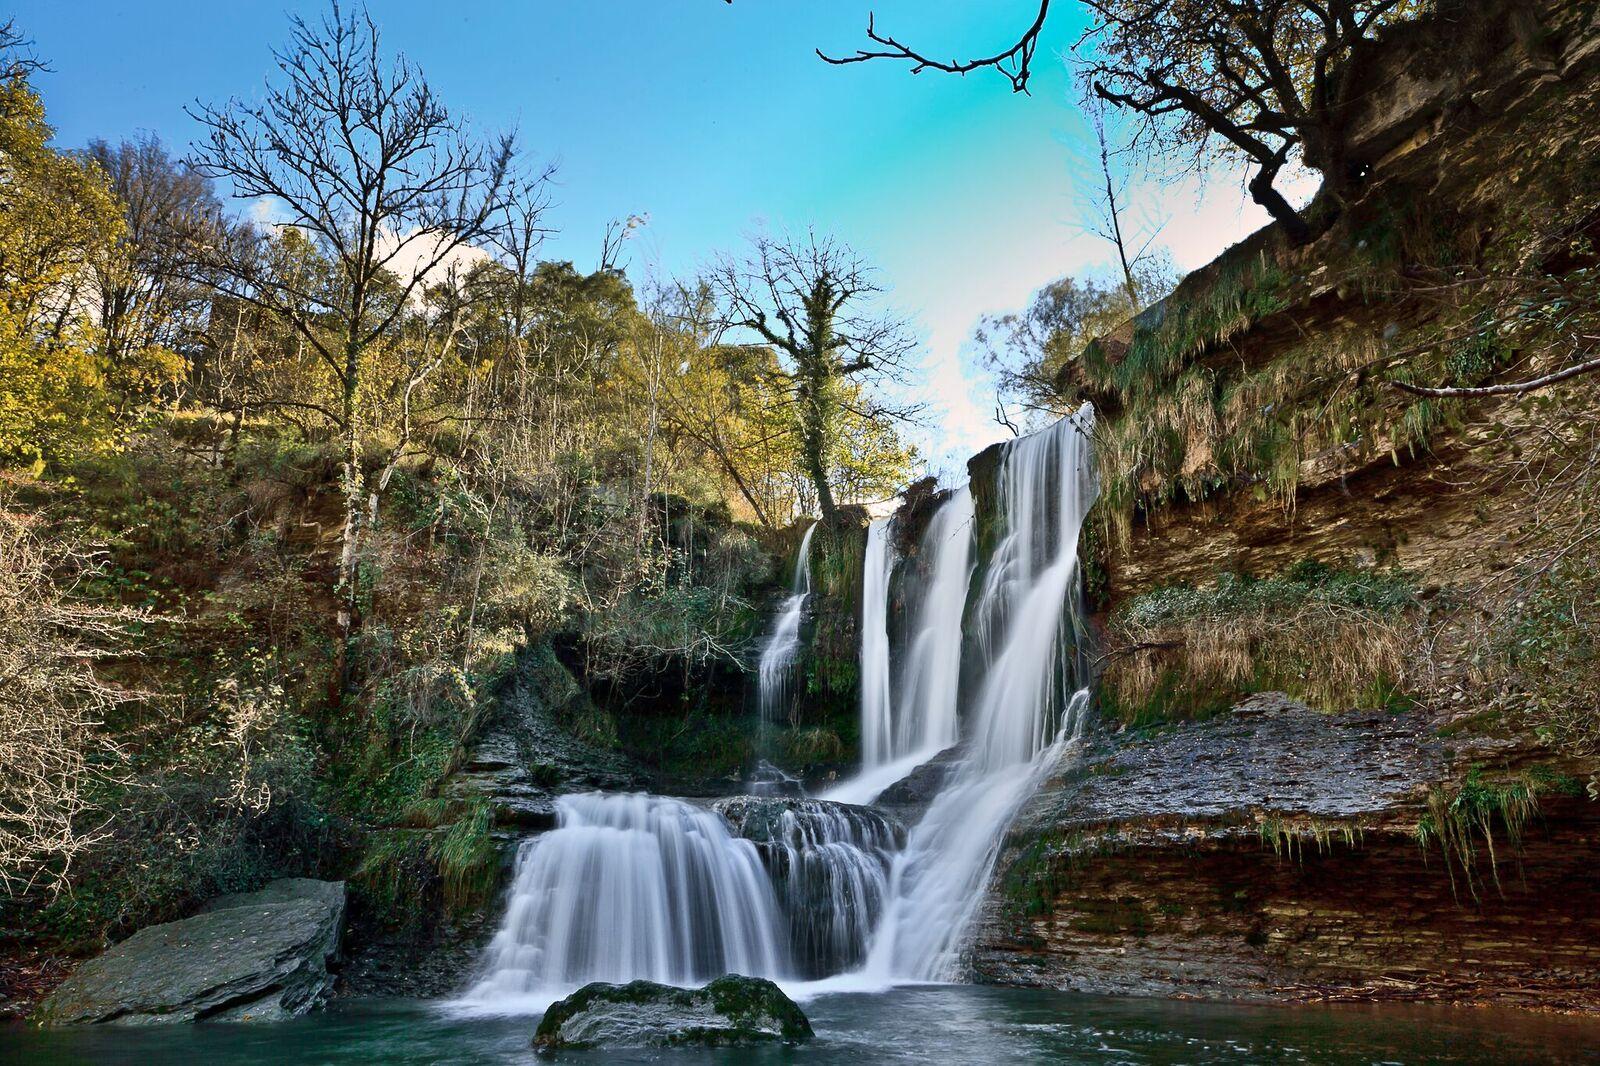 Valle de Mena - Destinos refrescantes en la provincia de Burgos